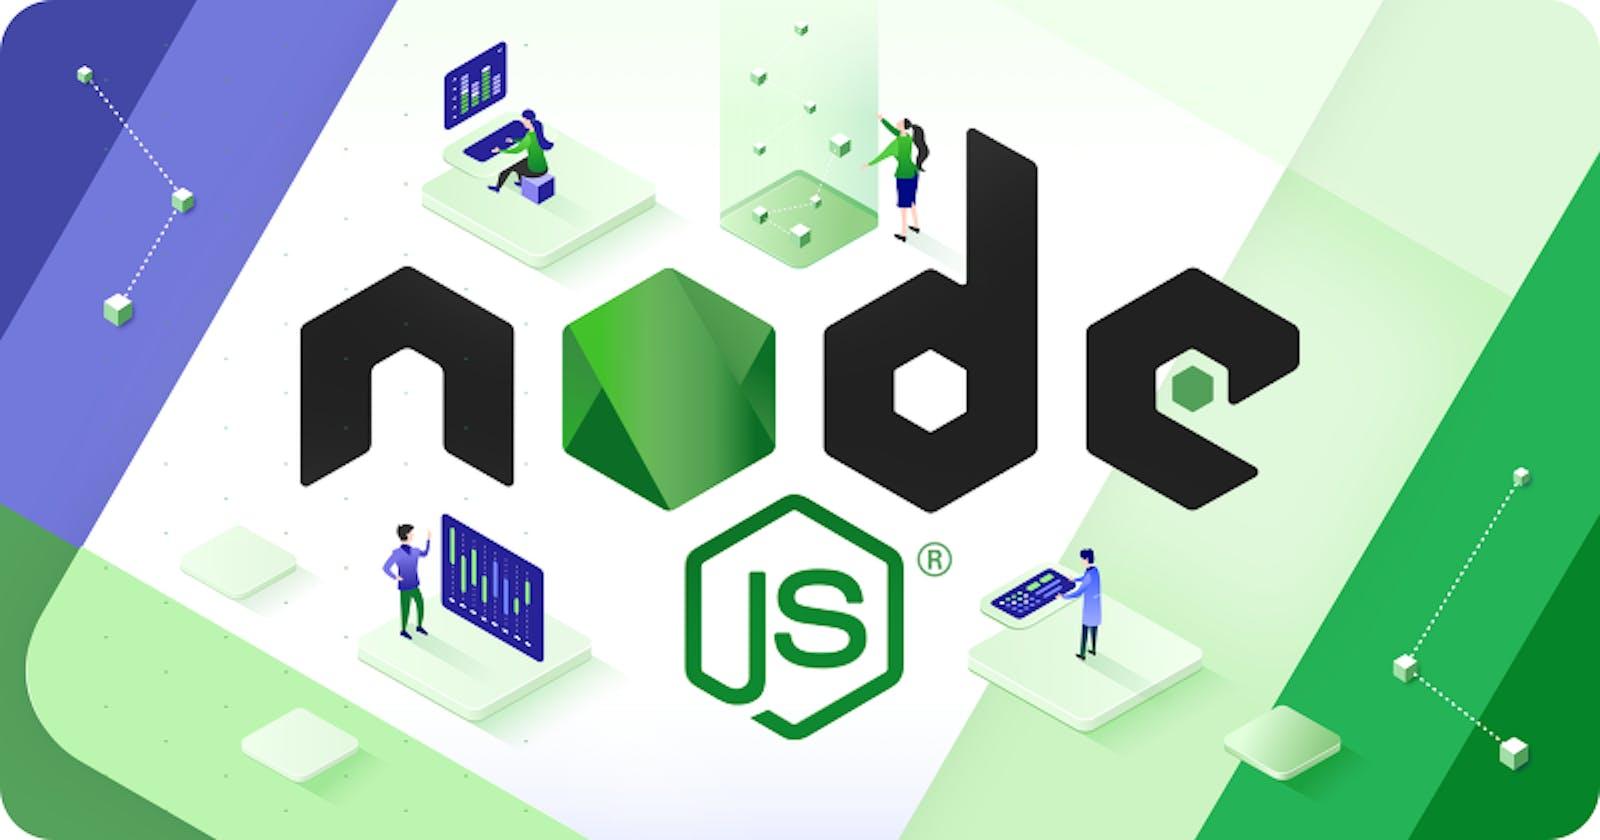 Installing Node.js 12 on Linux Mint 19